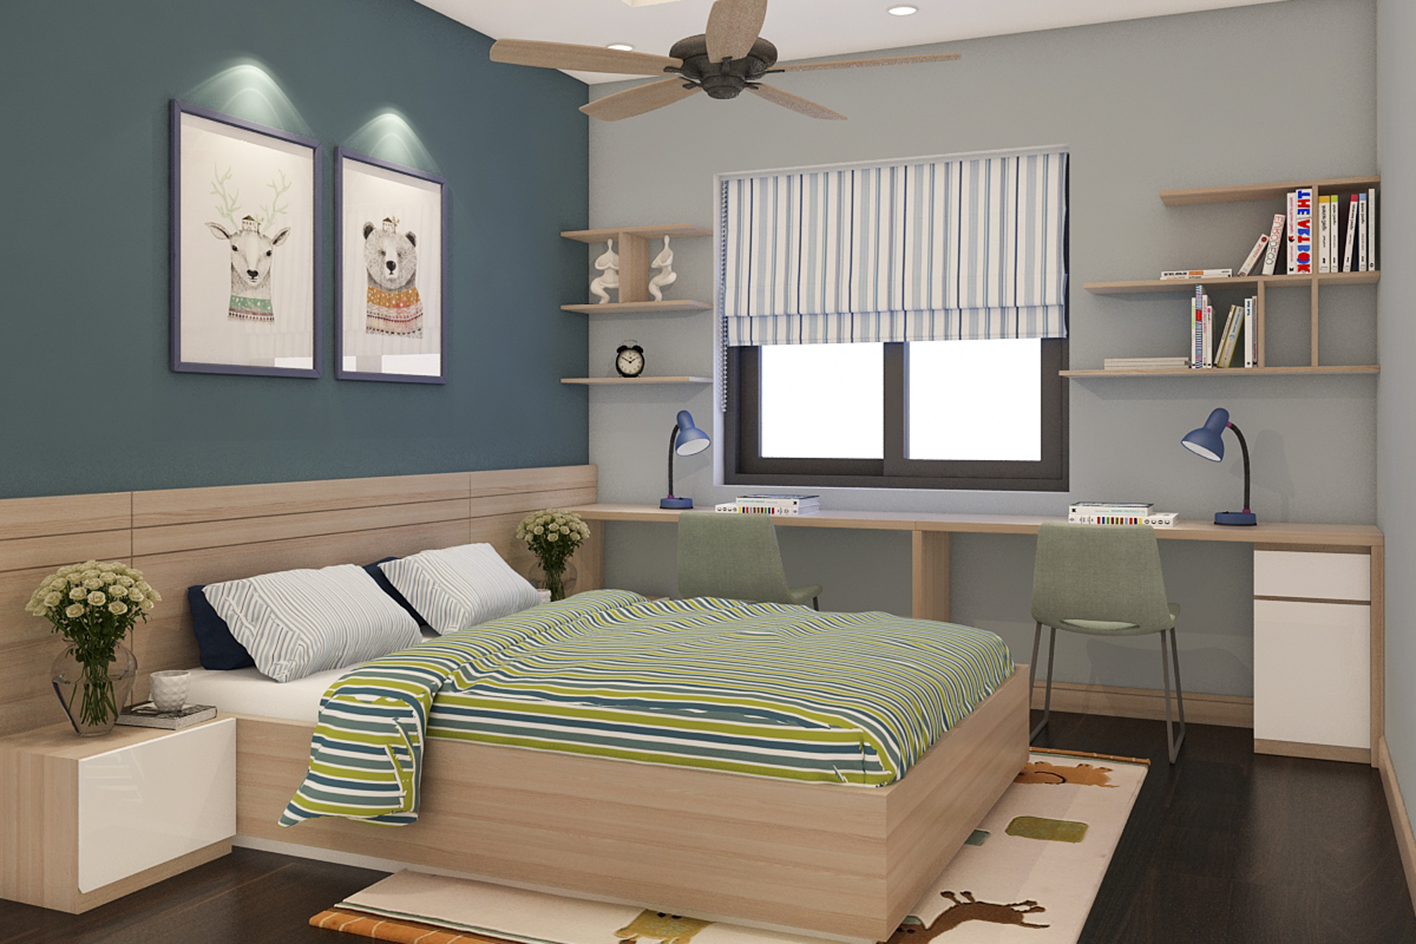 Phòng ngủ trẻ em dễ thương nhà anh Phương - Chung cư Gamuda The One Residence